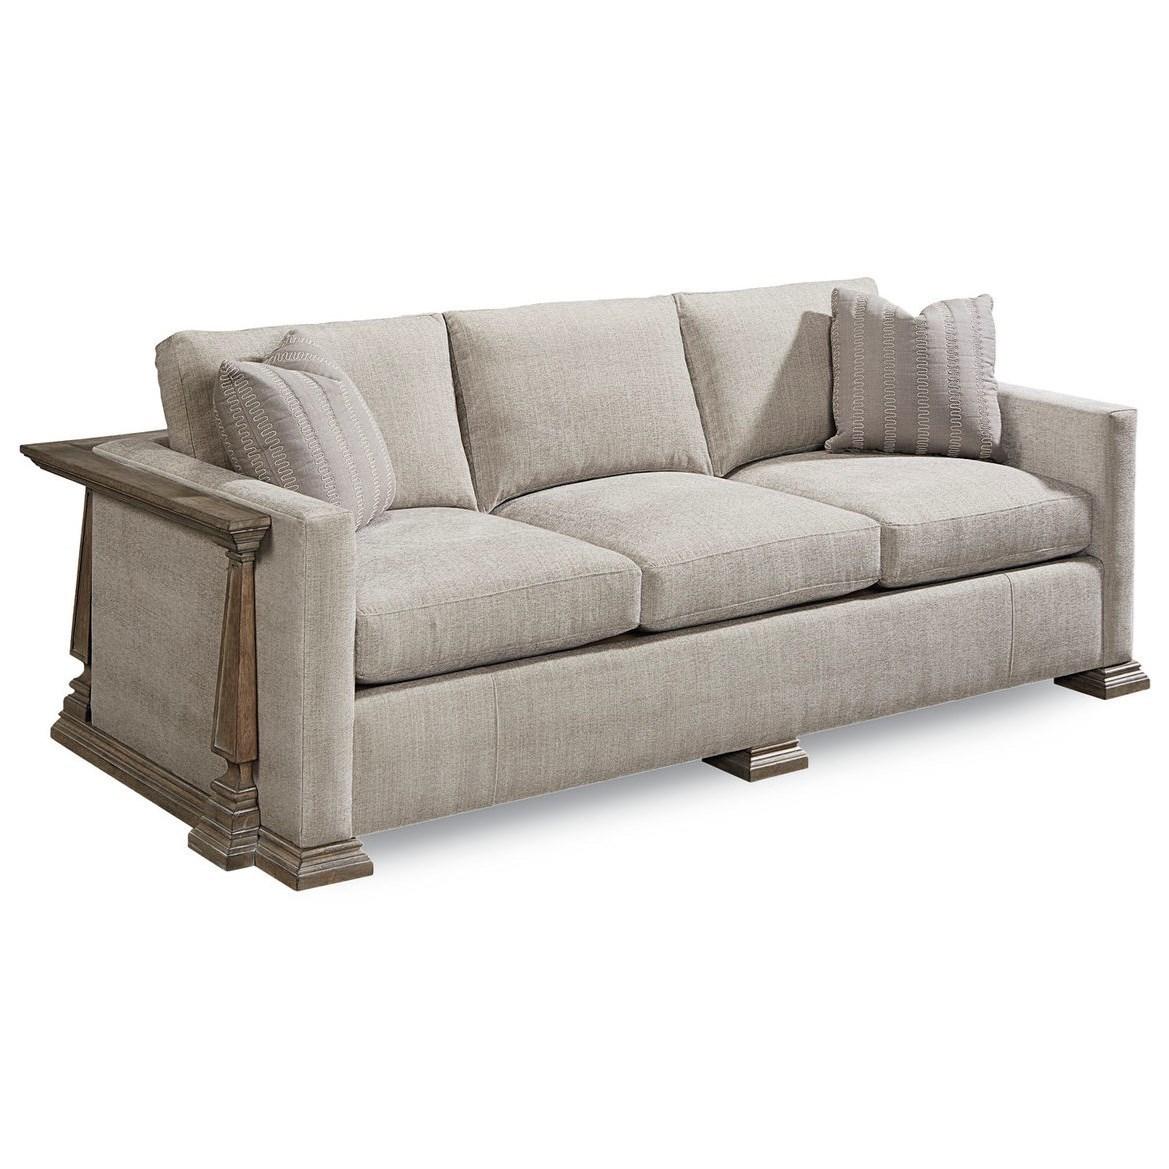 Arch Salvage Harrison Sofa  by Klien Furniture at Sprintz Furniture